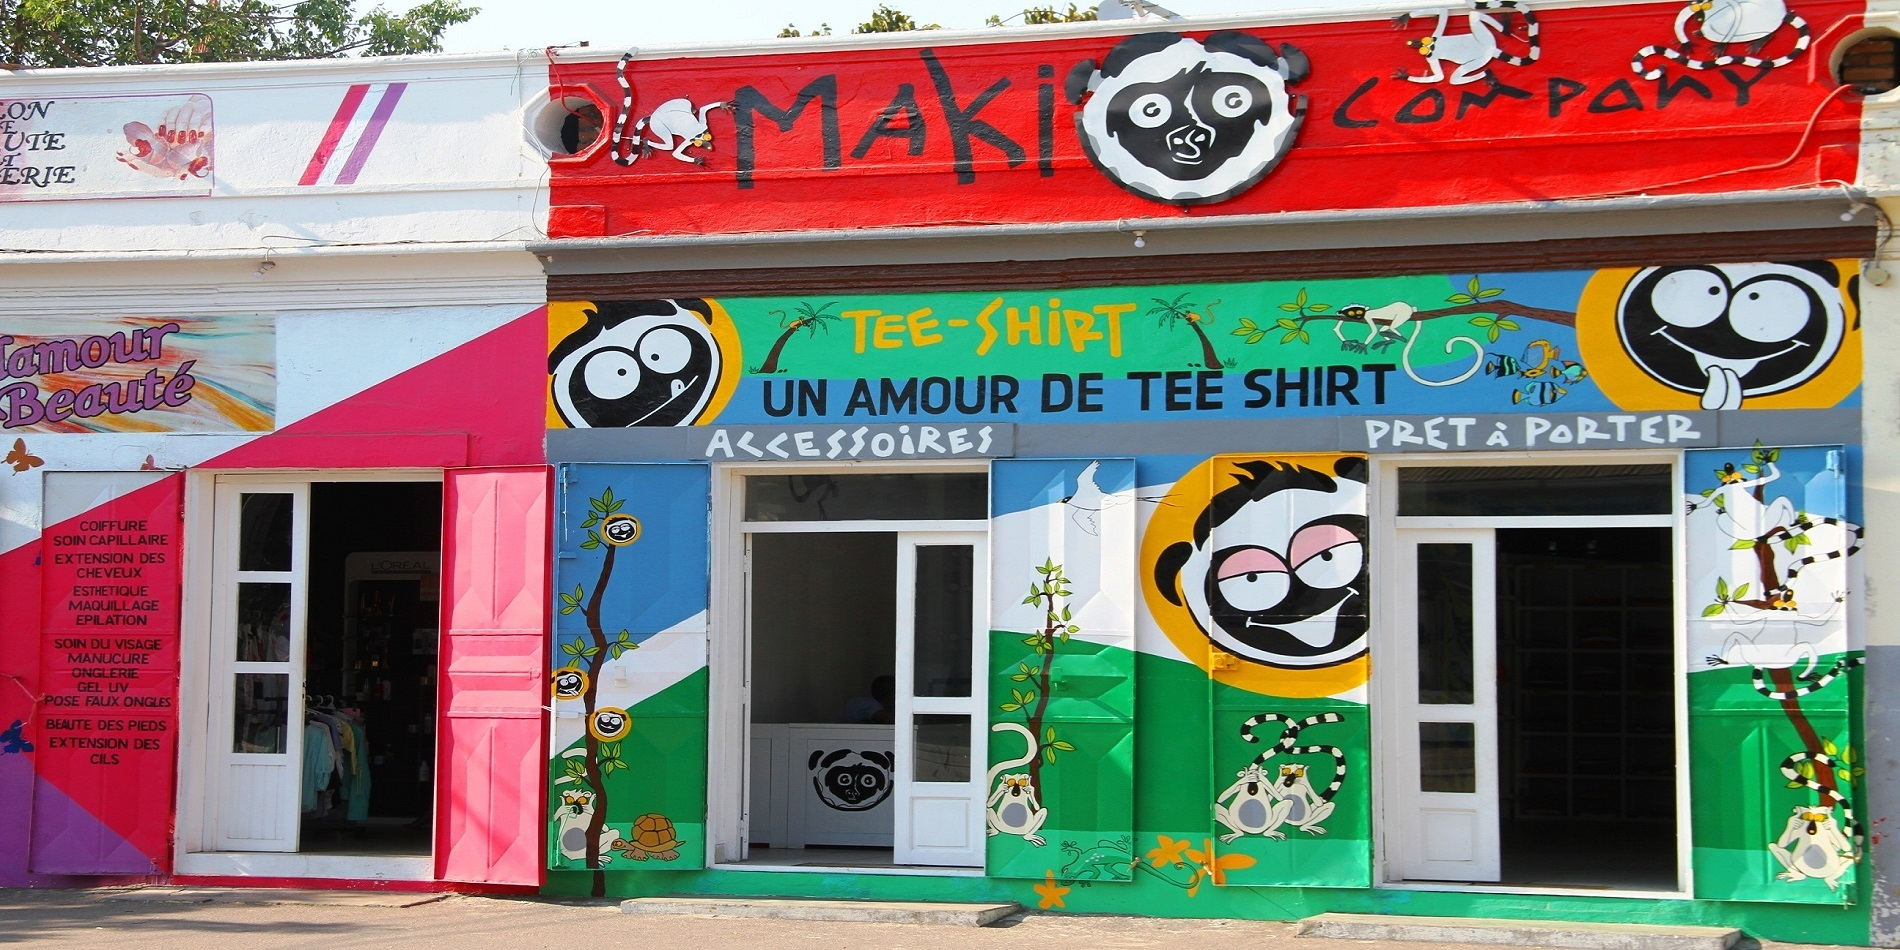 Maky style company morondava 1